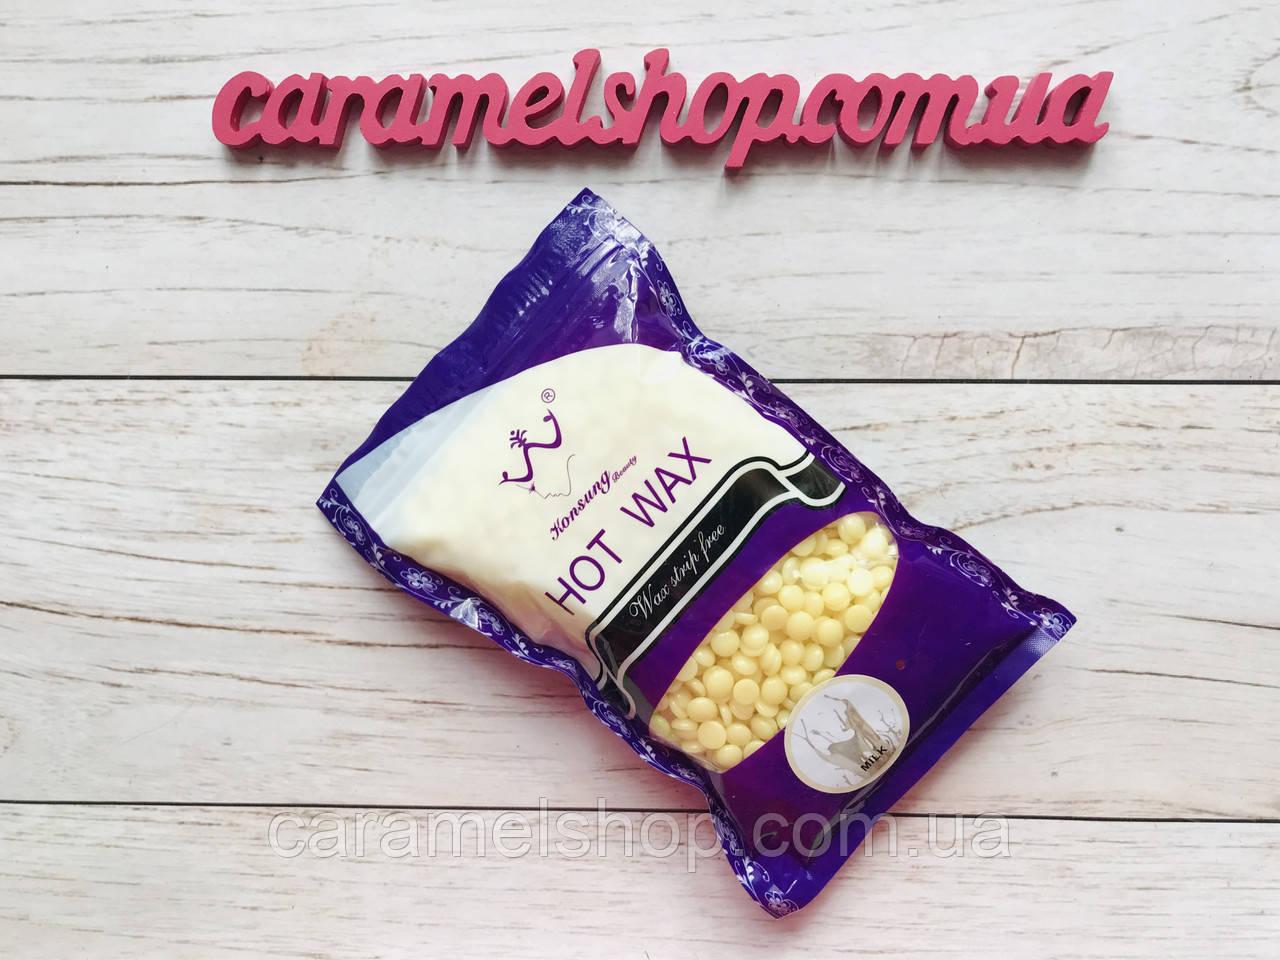 Воск в гранулах пленочный низкотемпературный Konsung Hot Wax молоко Milk, 300 г